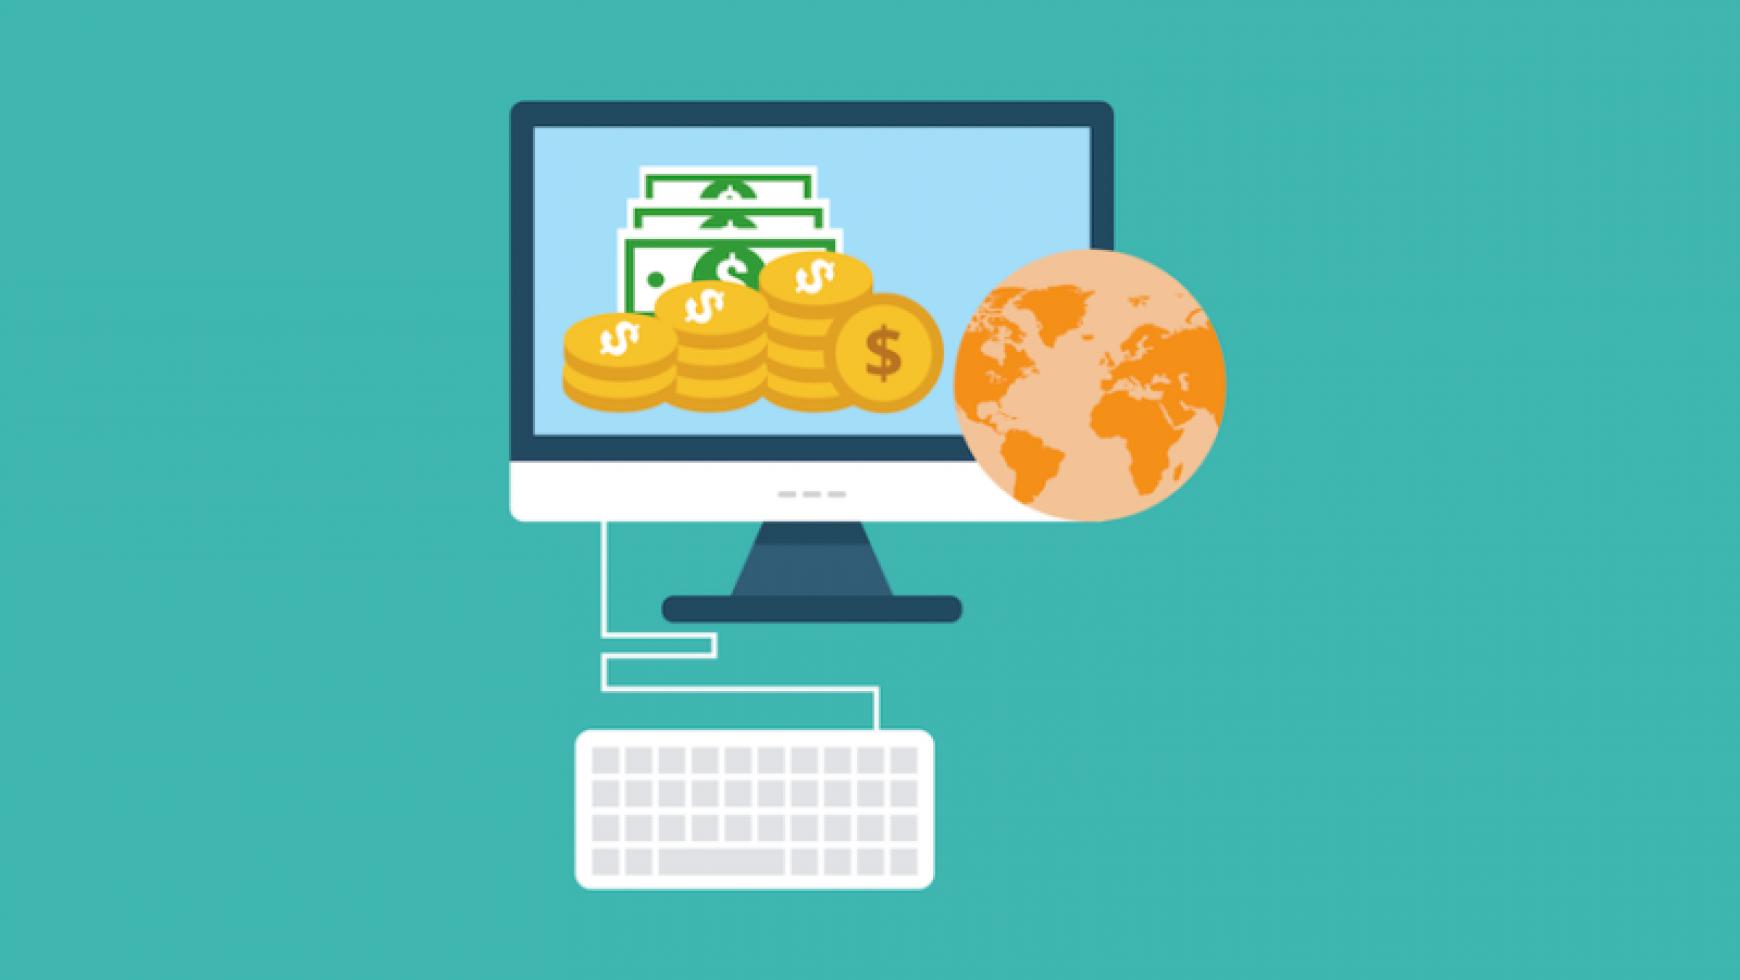 3 Cara Mendapatkan Uang dari Internet Tanpa Modal